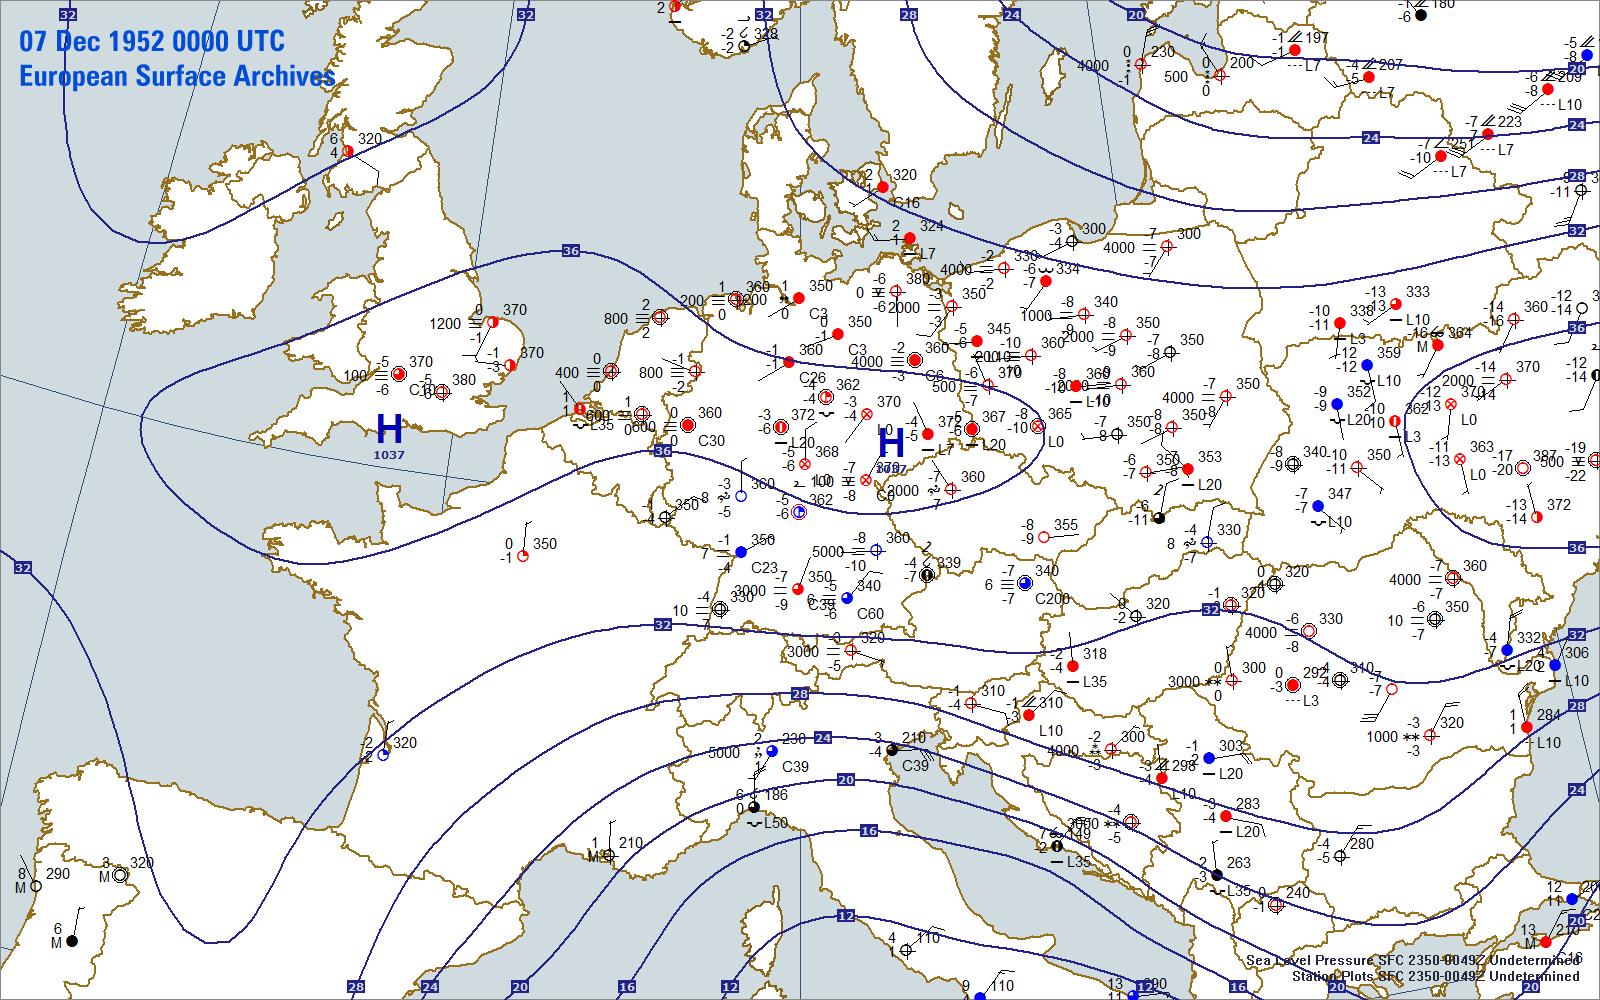 Weather Forecast Icons Set Europe Map Stock Vector ...  |Weather Forecast Map Europe